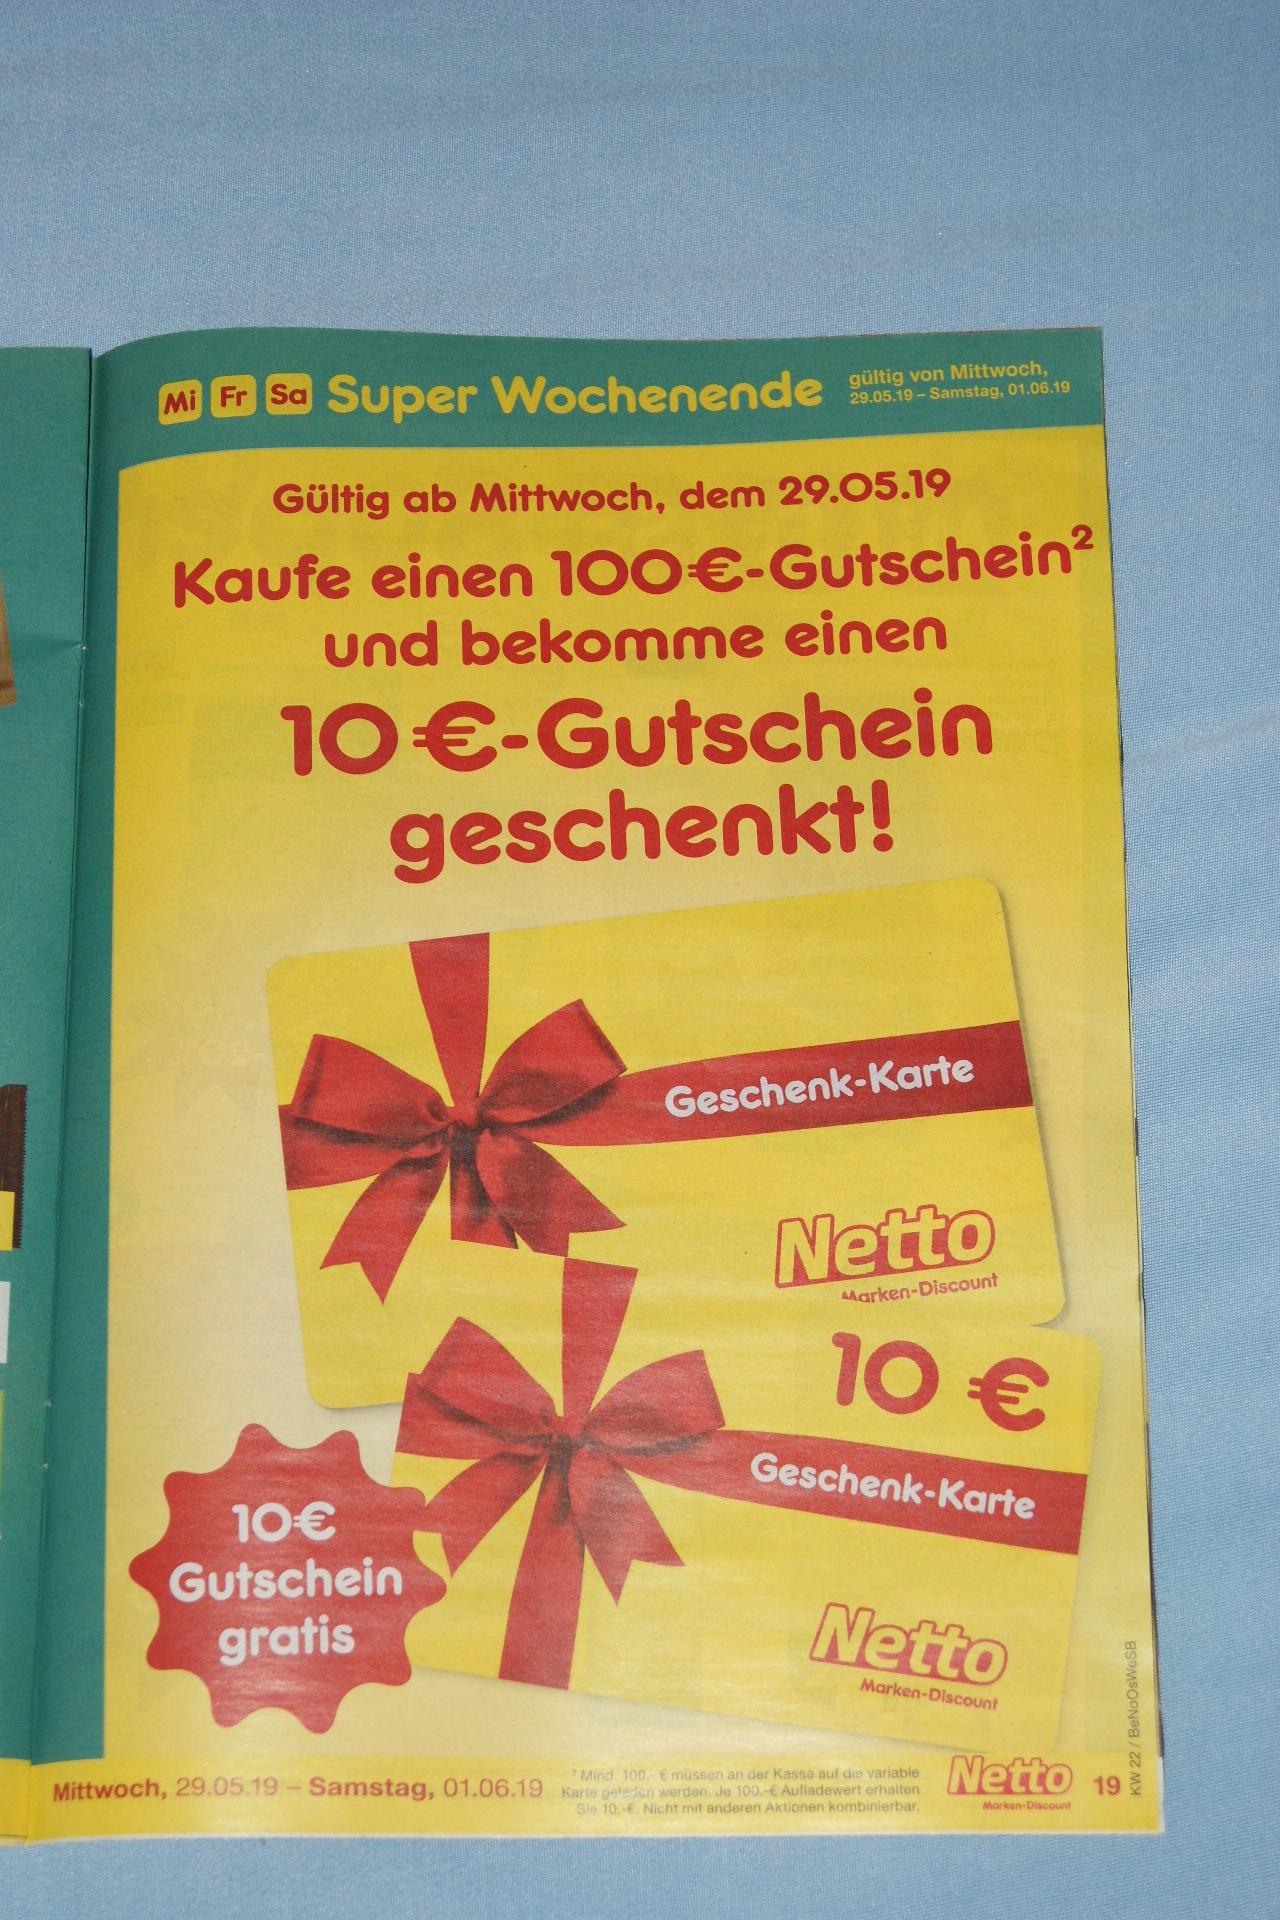 [lokal] 10€ Gutschein geschenkt beim Kauf eines 100€ Gutscheins bei netto (ohne Hund) -> amazon 9,1% Rabatt